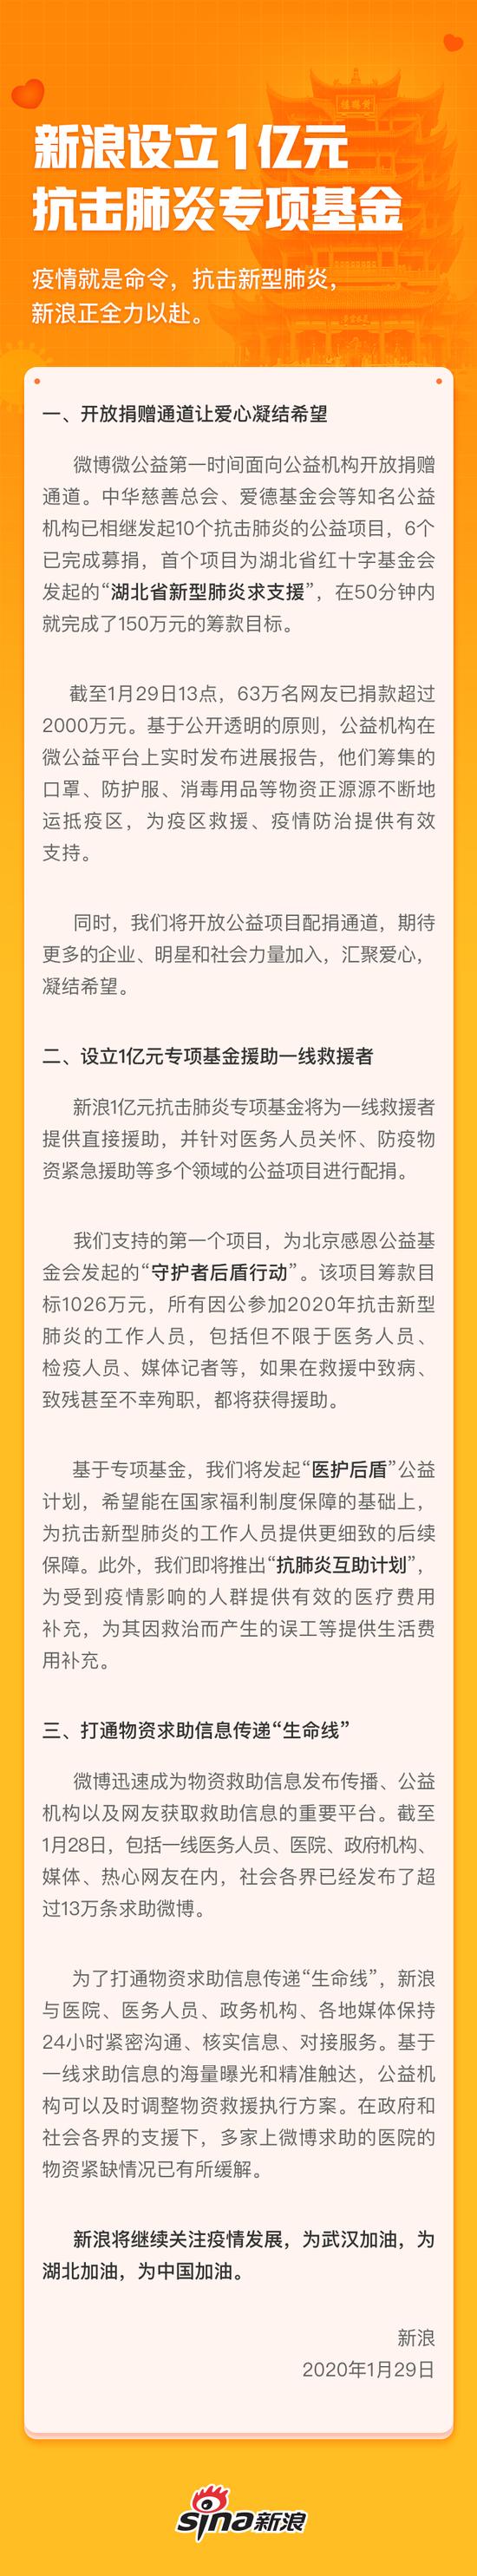 """香港律政司长痛批""""违法达义"""":法律不容许行为"""